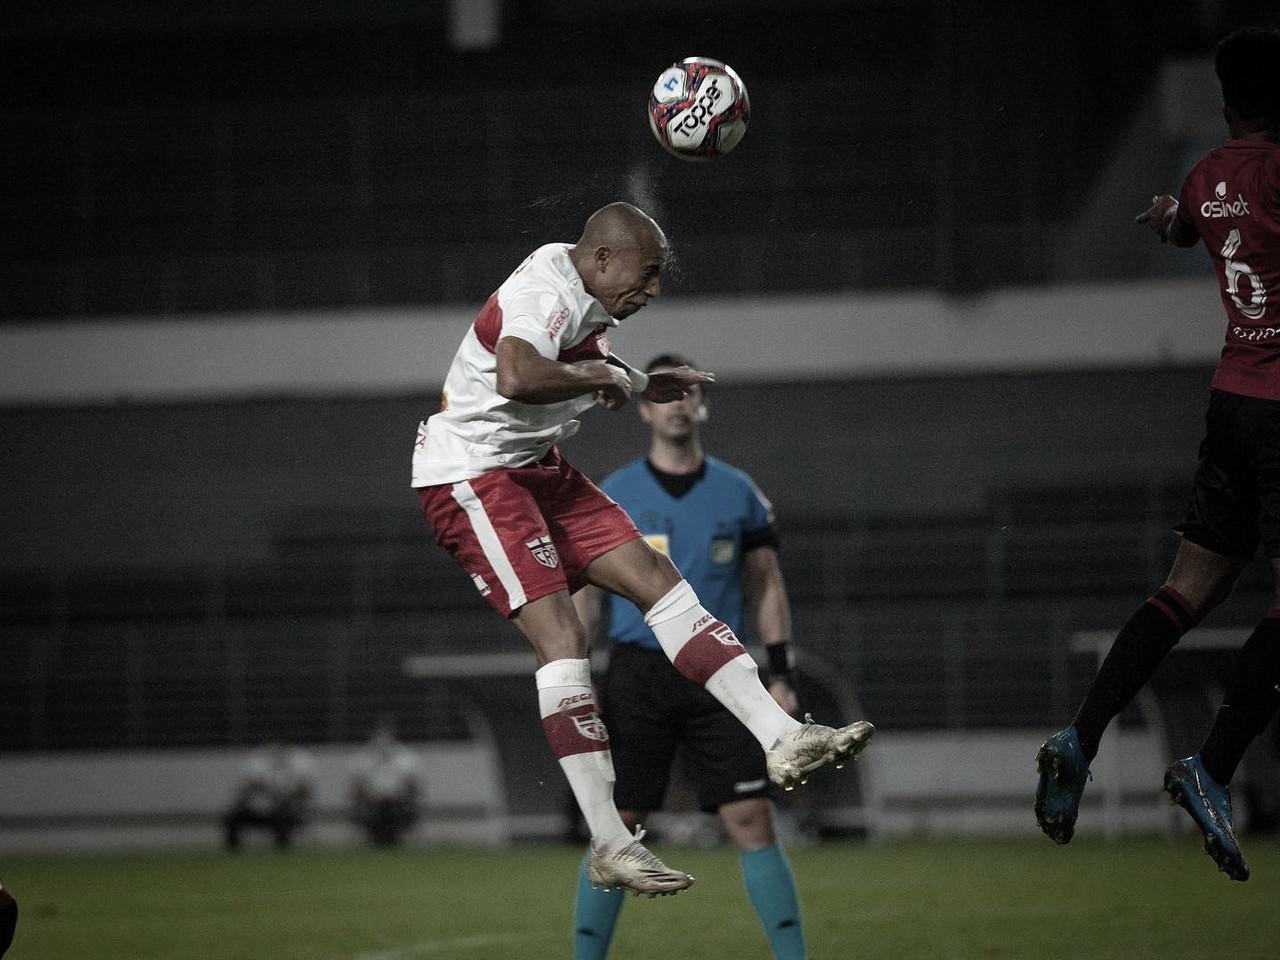 Reginaldo Lopes celebra vitória do CRB sobre Brasil e projeta manutenção de ritmo forte no clube